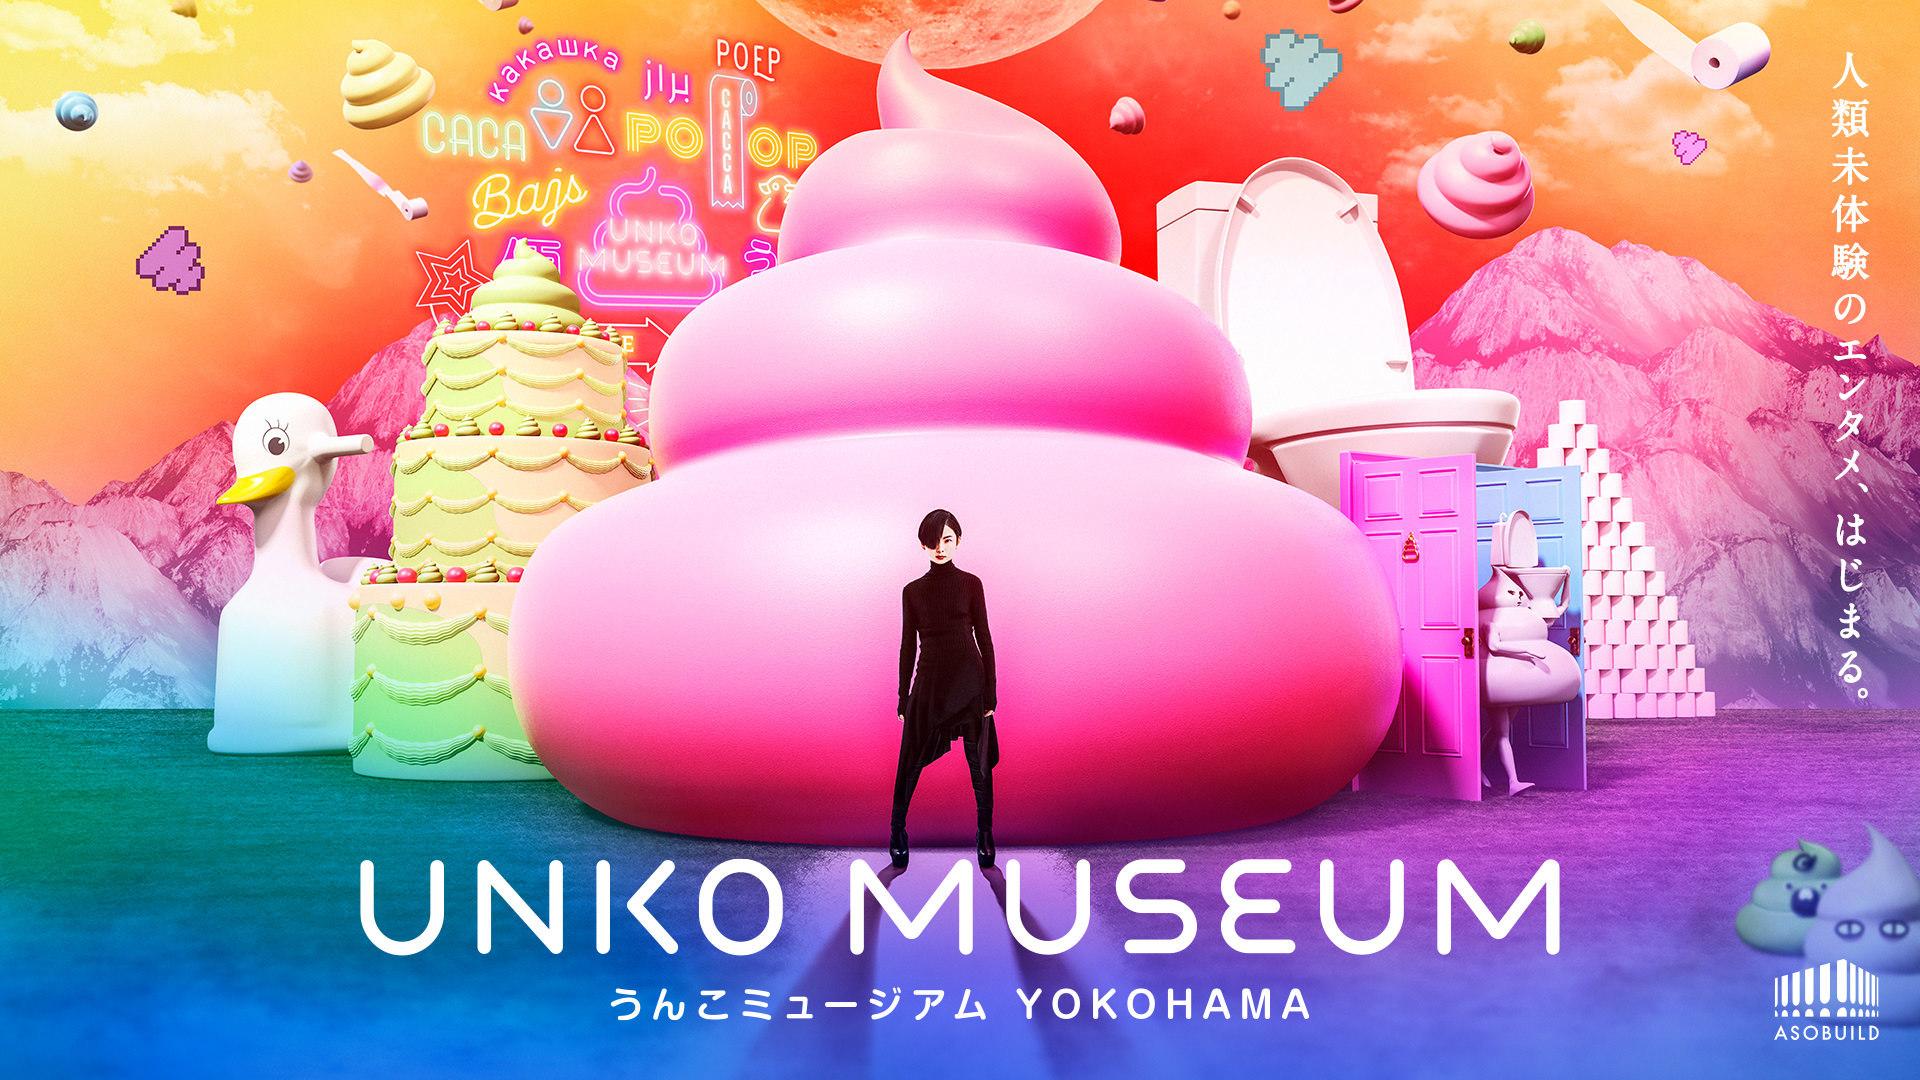 UNKO MUSEUM YOKOHAMA